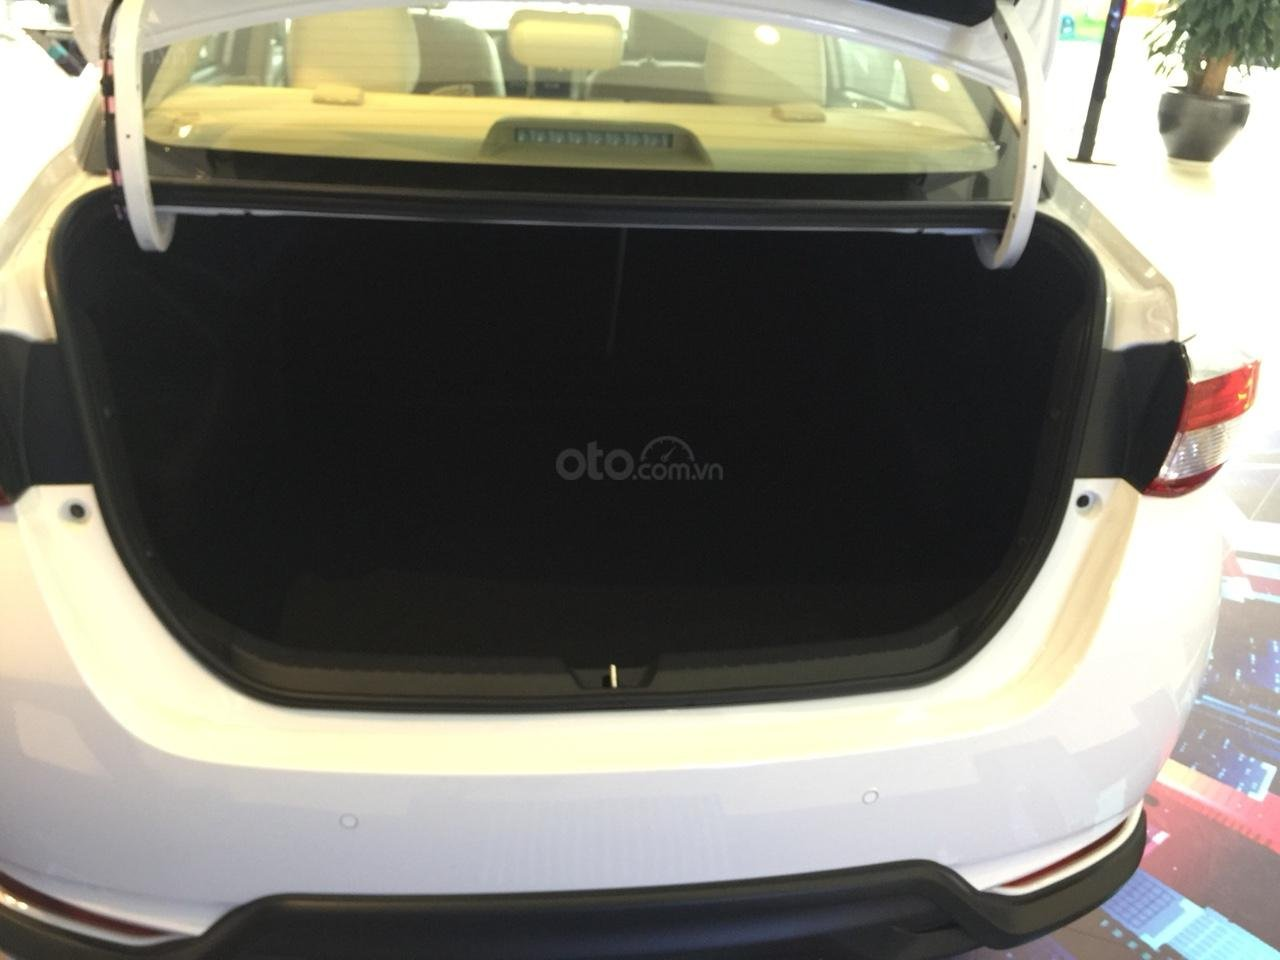 Giá xe Toyota Vios 1.5G 2019, giảm sập sàn, tặng bảo hiểm thân vỏ, hỗ trợ trả góp, chi tiết LH ngay 0978835850-5